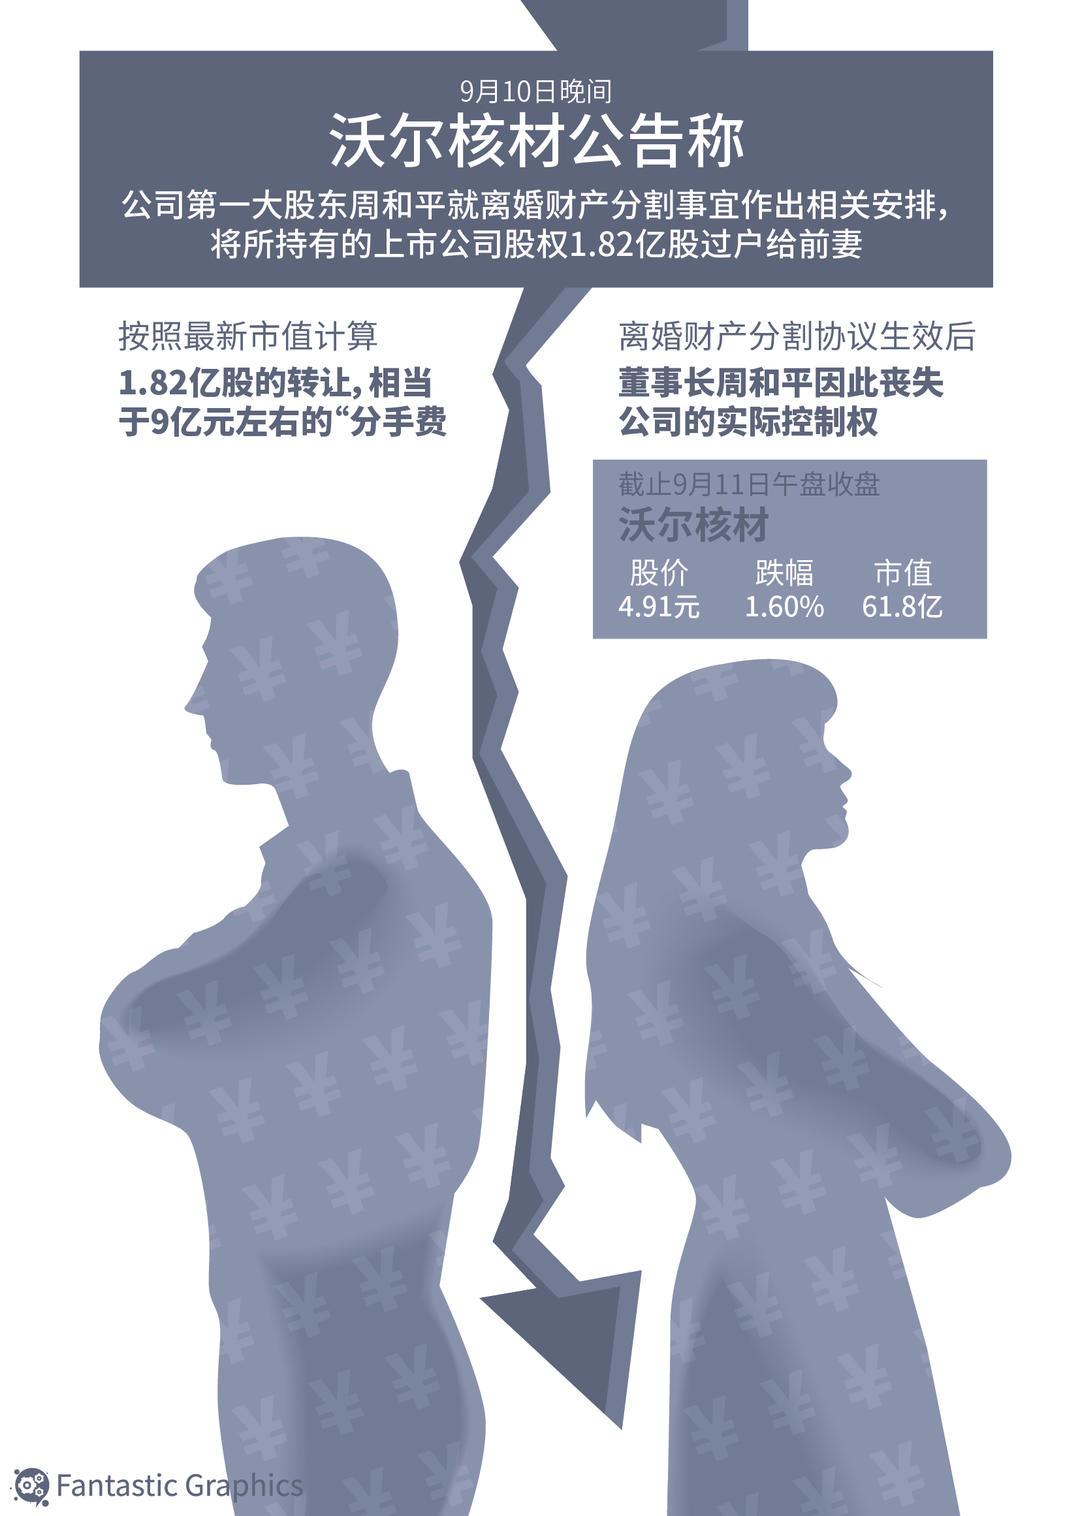 http://www.axxxc.com/chanyejingji/924872.html